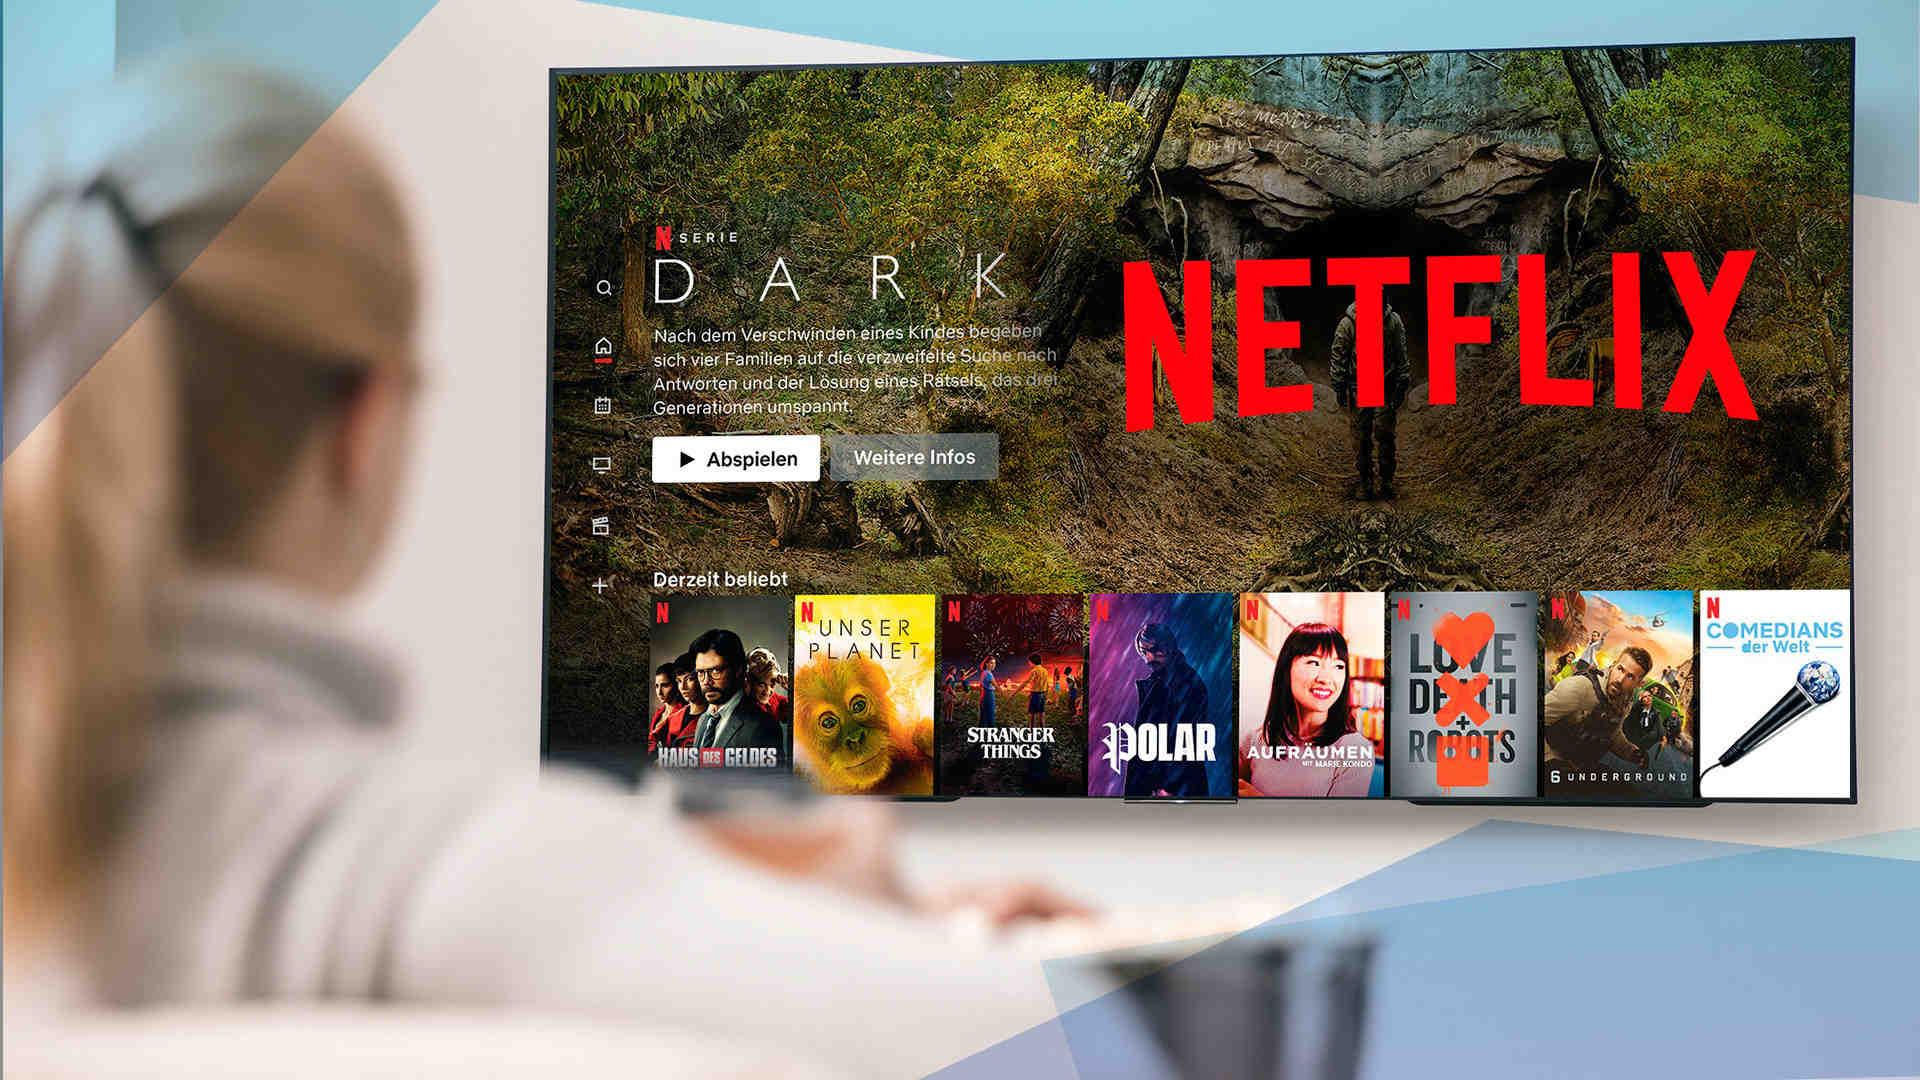 Wie hat Netflix ursprünglich funktioniert?